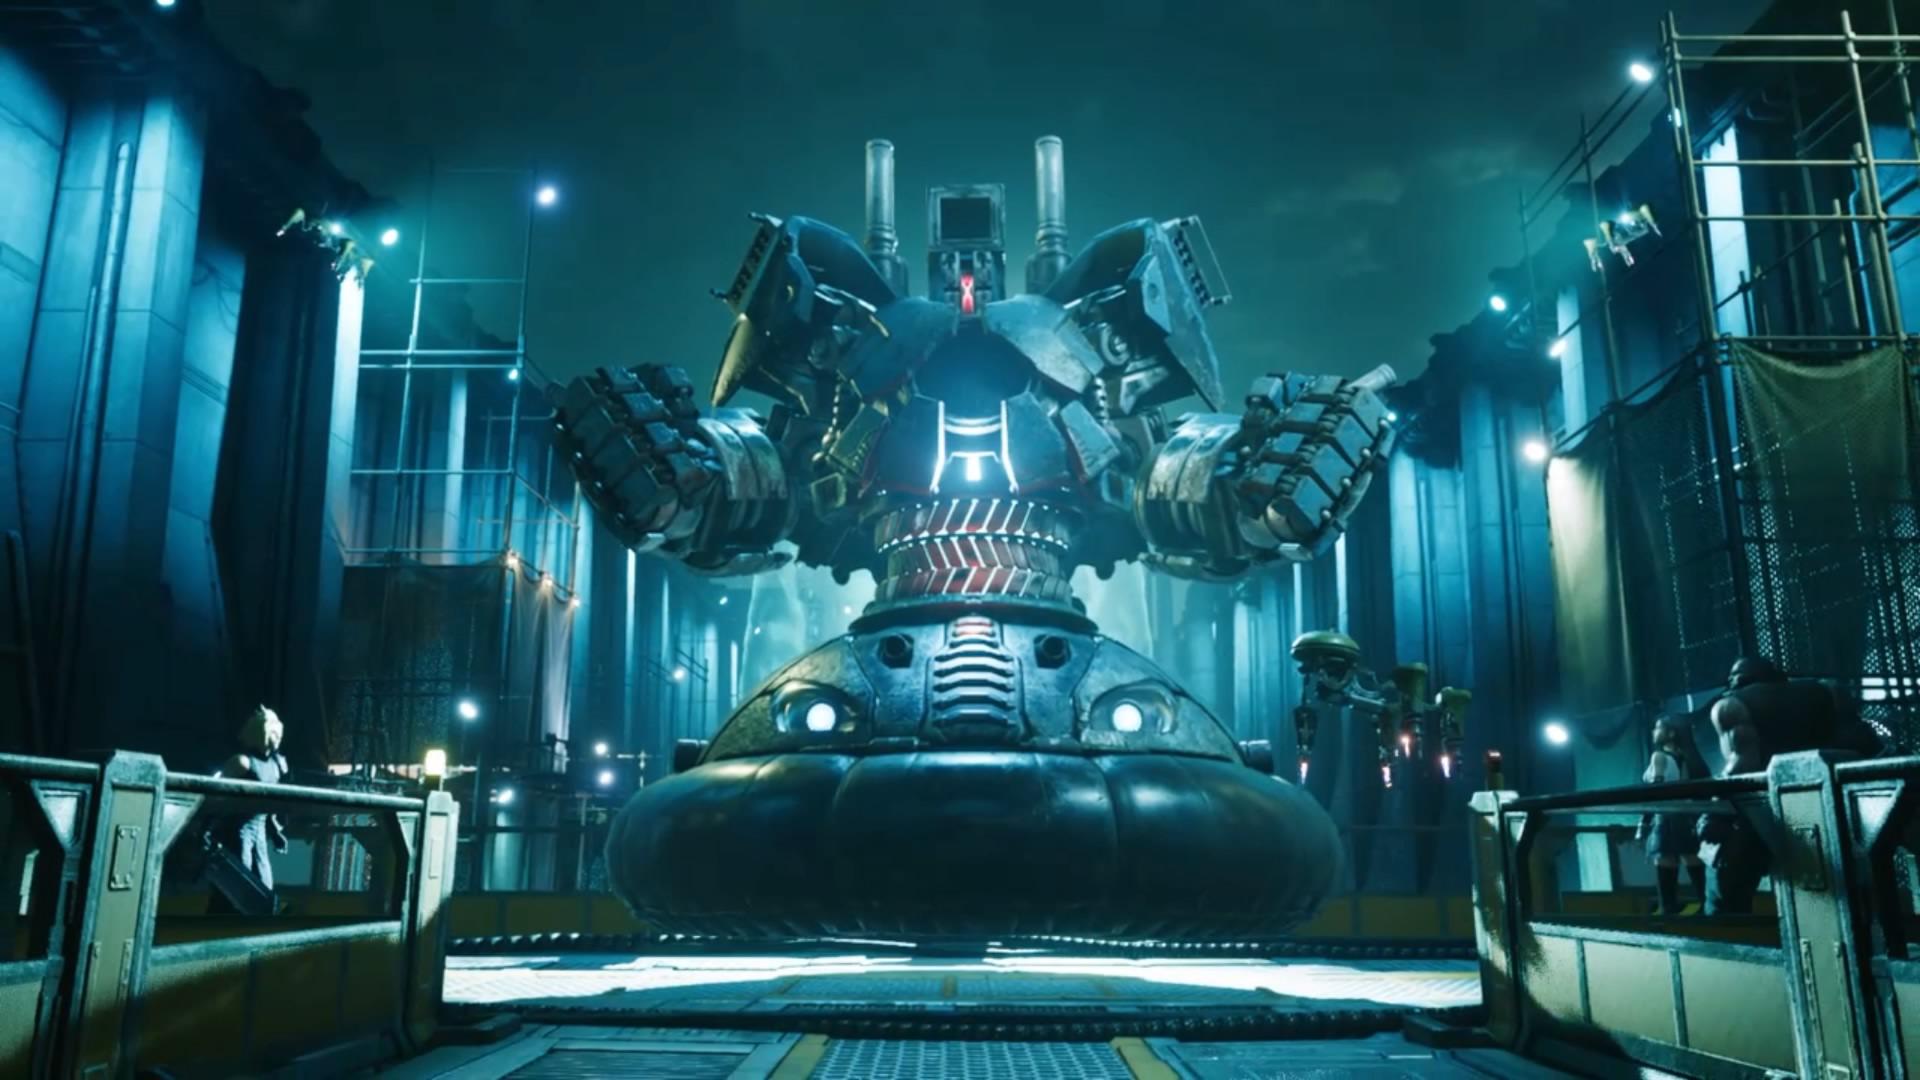 【FF7REMAKE】第28回攻略・感想 エアバスター戦開幕!神羅の戦意陽動作戦の全貌と